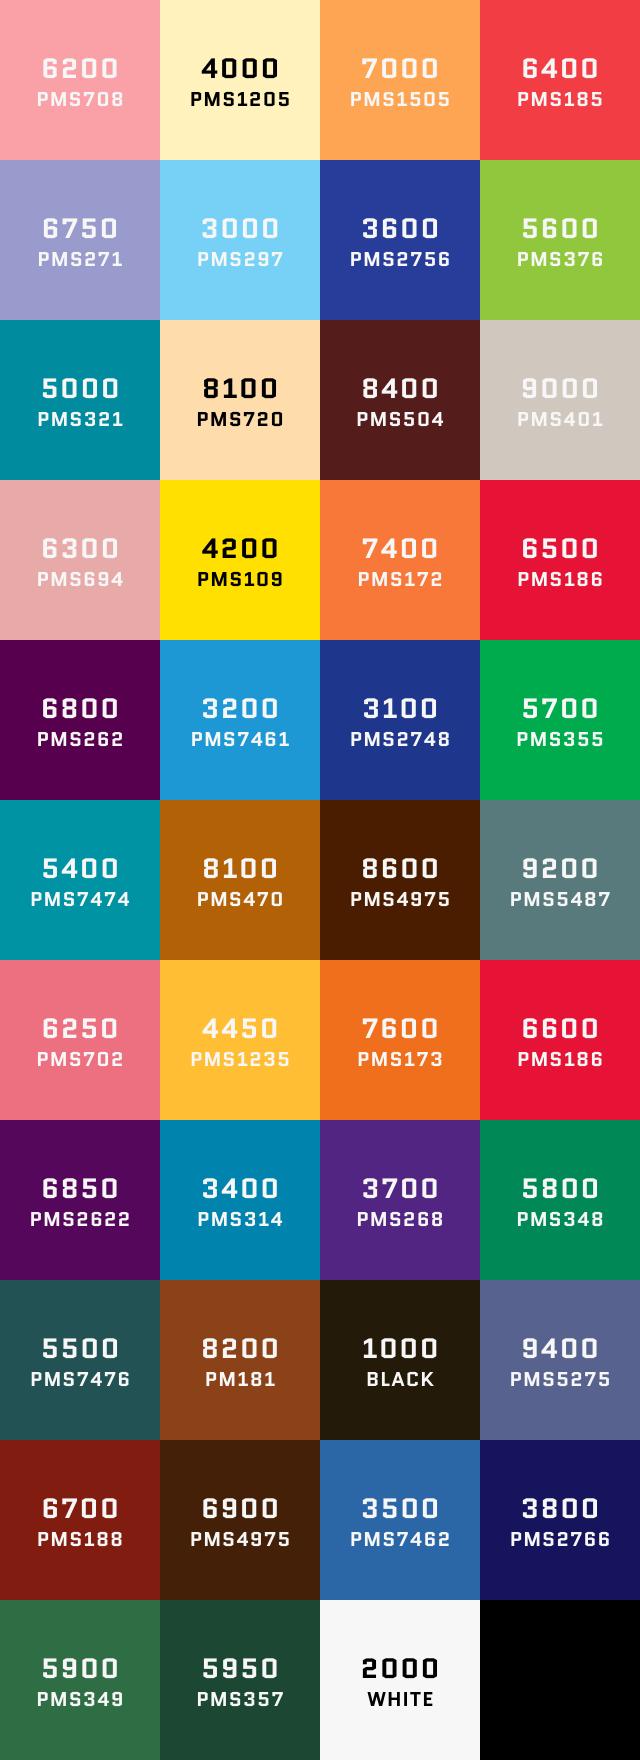 ソノシート印刷カラー